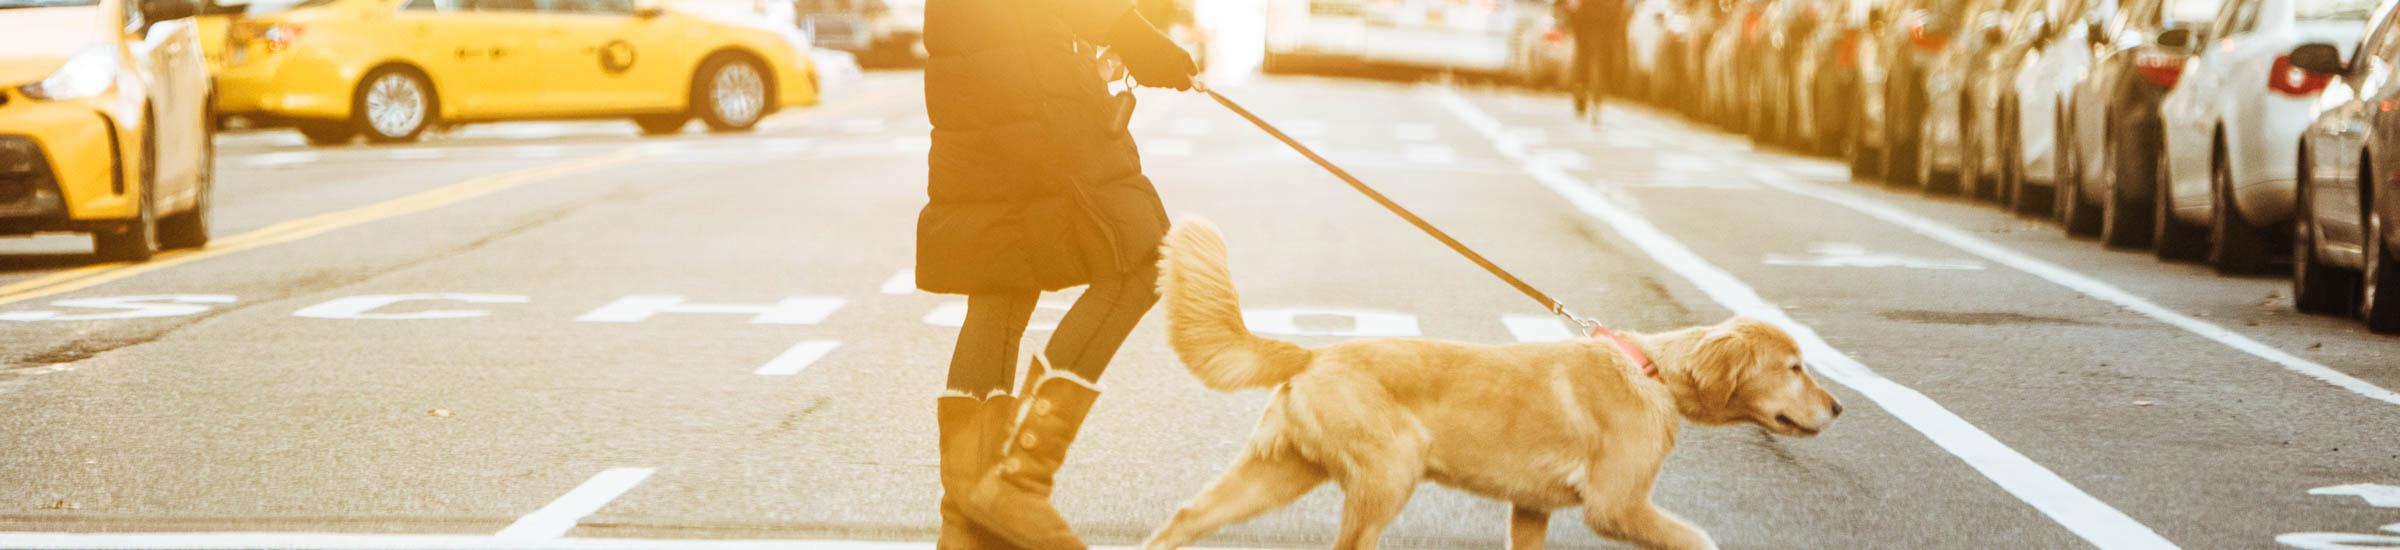 Spaziergang mit Hund auf der Straße, Autos im Hintergrund